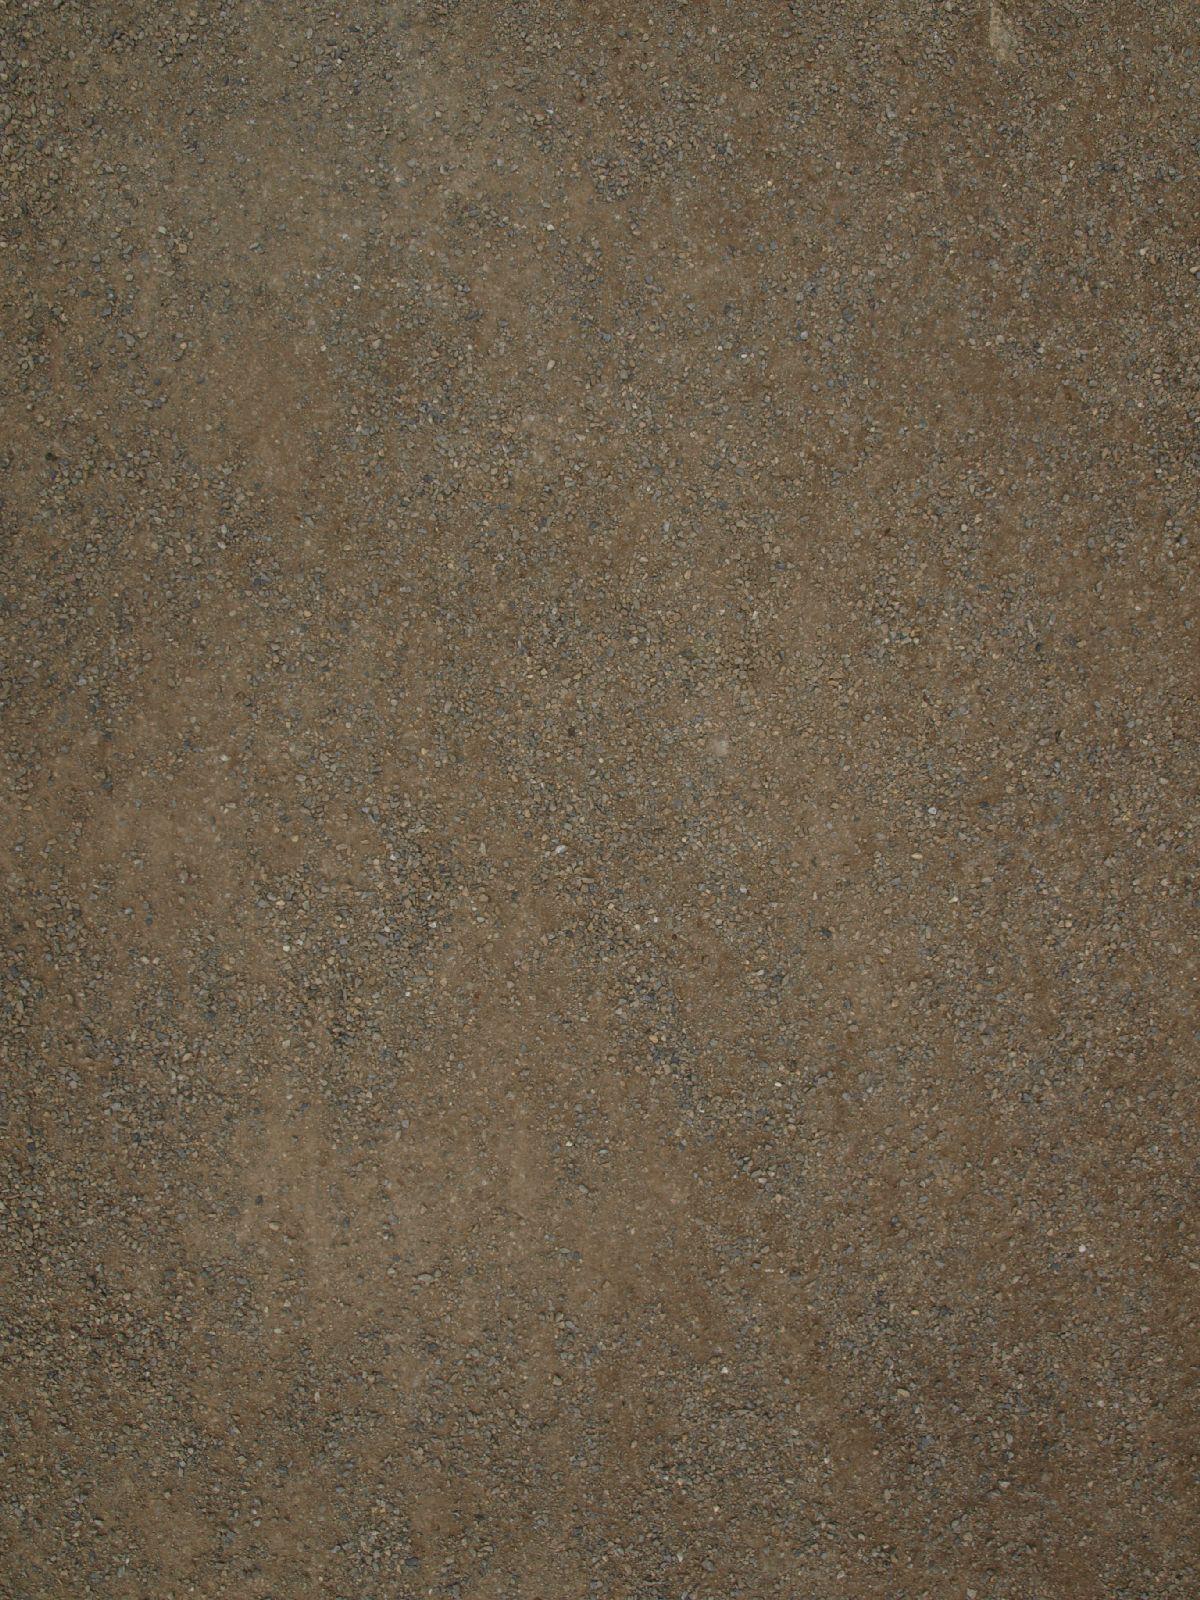 Boden-Erde-Steine_Textur_A_P4120841